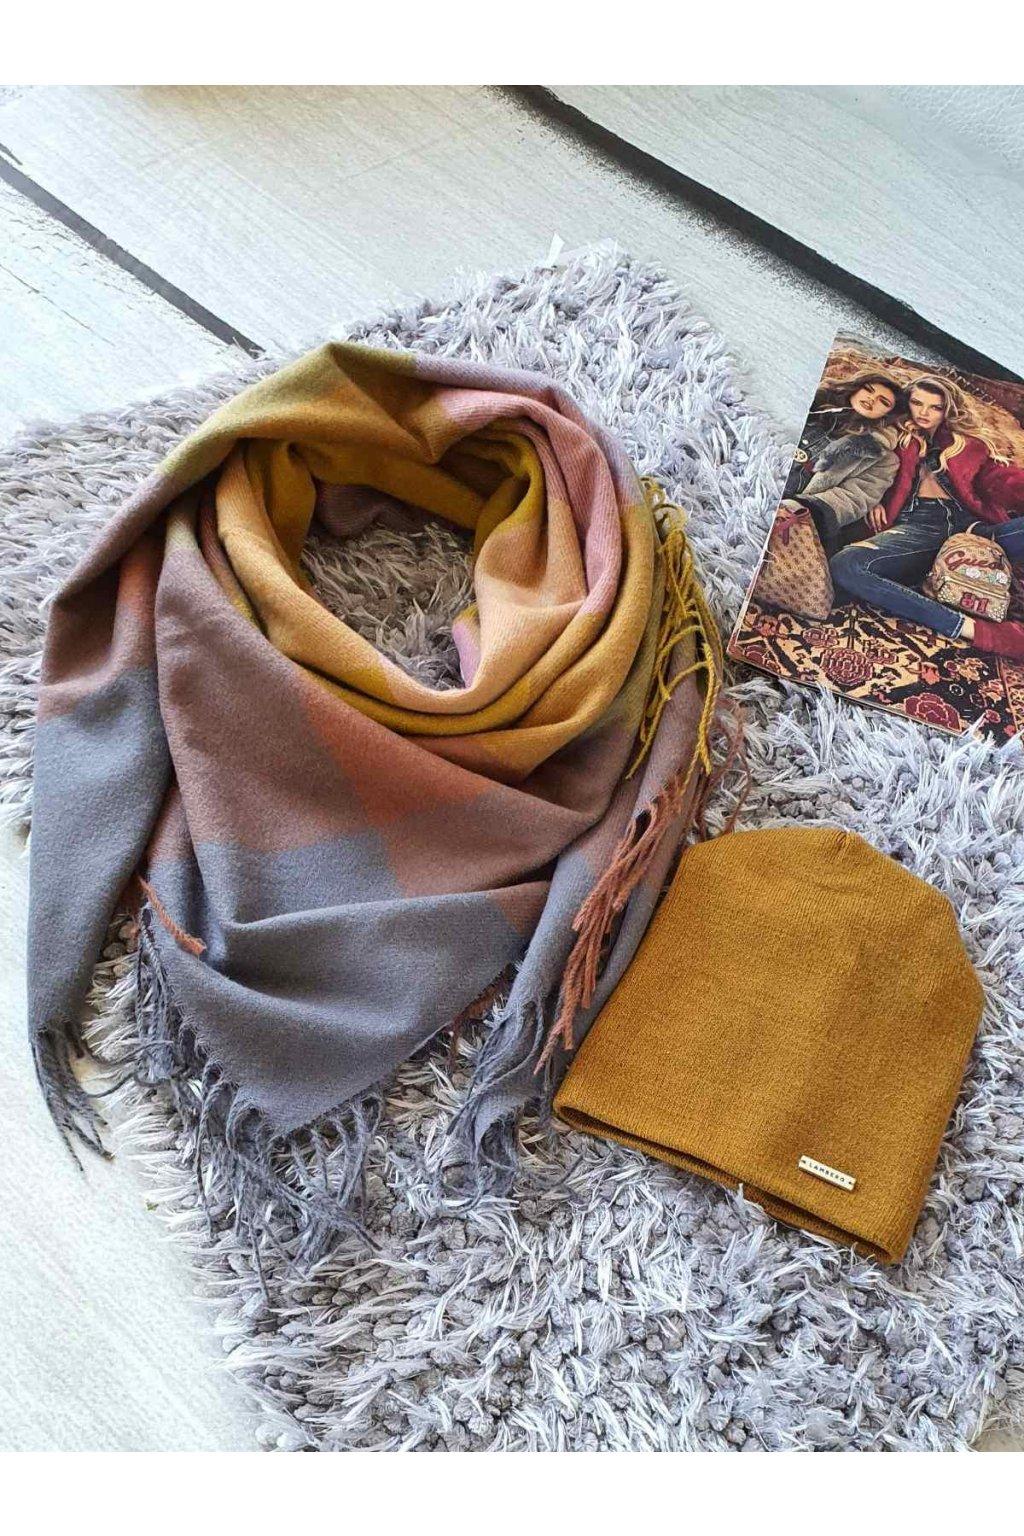 sladěný set kabelky a šátku v hořčicové barvě tip na dárek vánoce